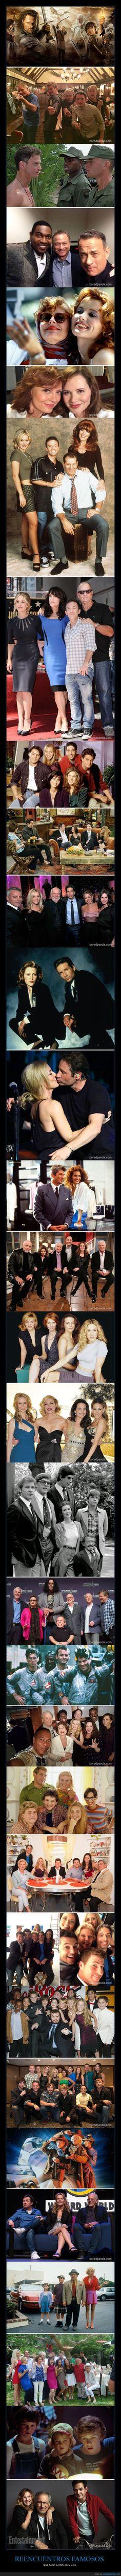 15 reencuentros de repartos famosos que te harán sentir muy viejuno - Que harán sentirte muy viejo   Gracias a http://www.cuantarazon.com/   Si quieres leer la noticia completa visita: http://www.skylight-imagen.com/15-reencuentros-de-repartos-famosos-que-te-haran-sentir-muy-viejuno-que-haran-sentirte-muy-viejo/